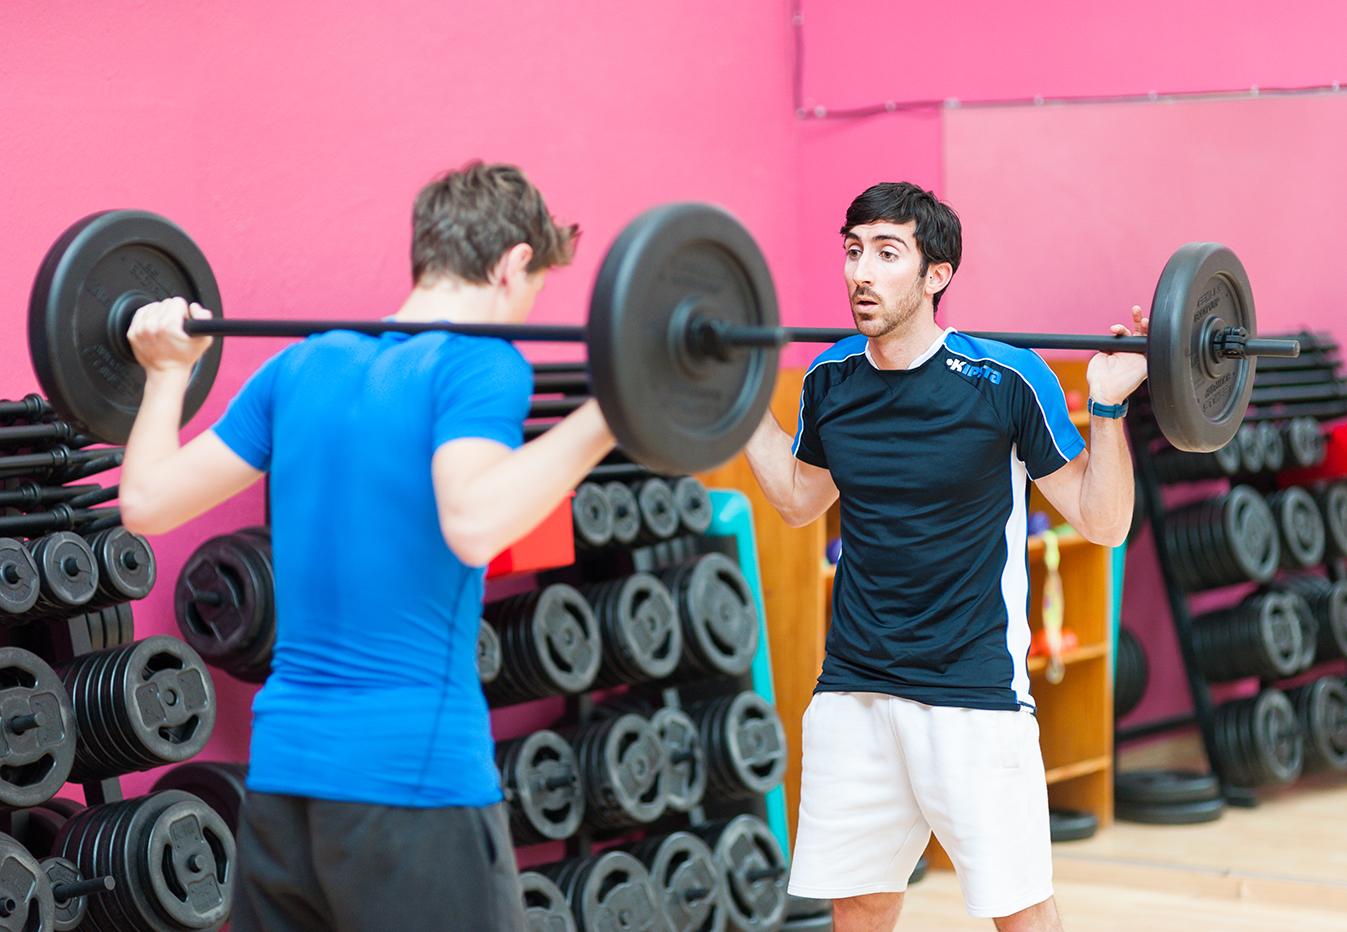 Besoin d'une préparation spécifique ? Soyez au top avec Sport et Santé !